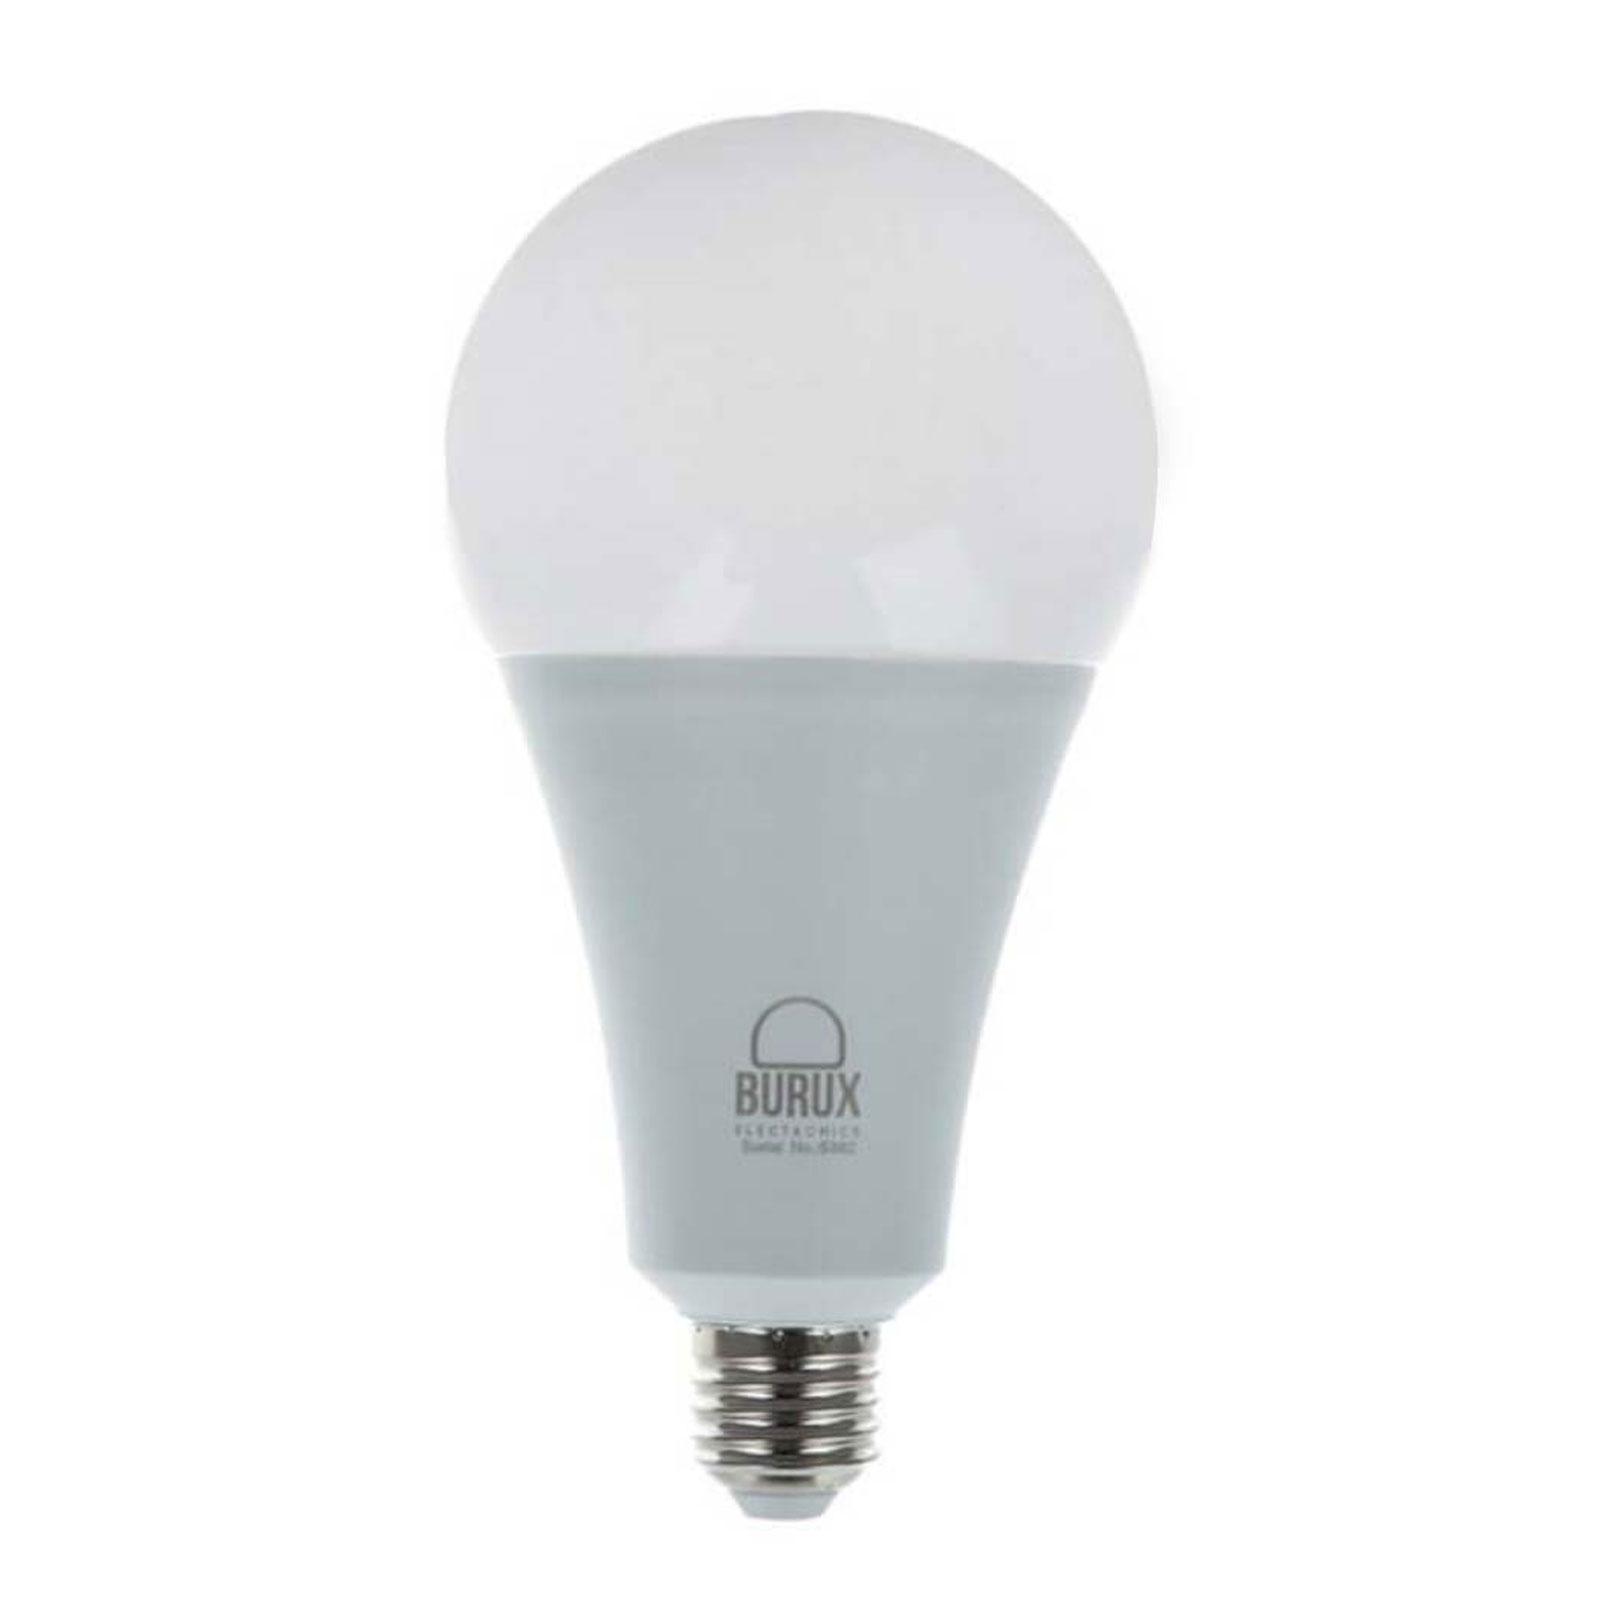 لامپ ال ای دی حبابی 25 وات بروکس